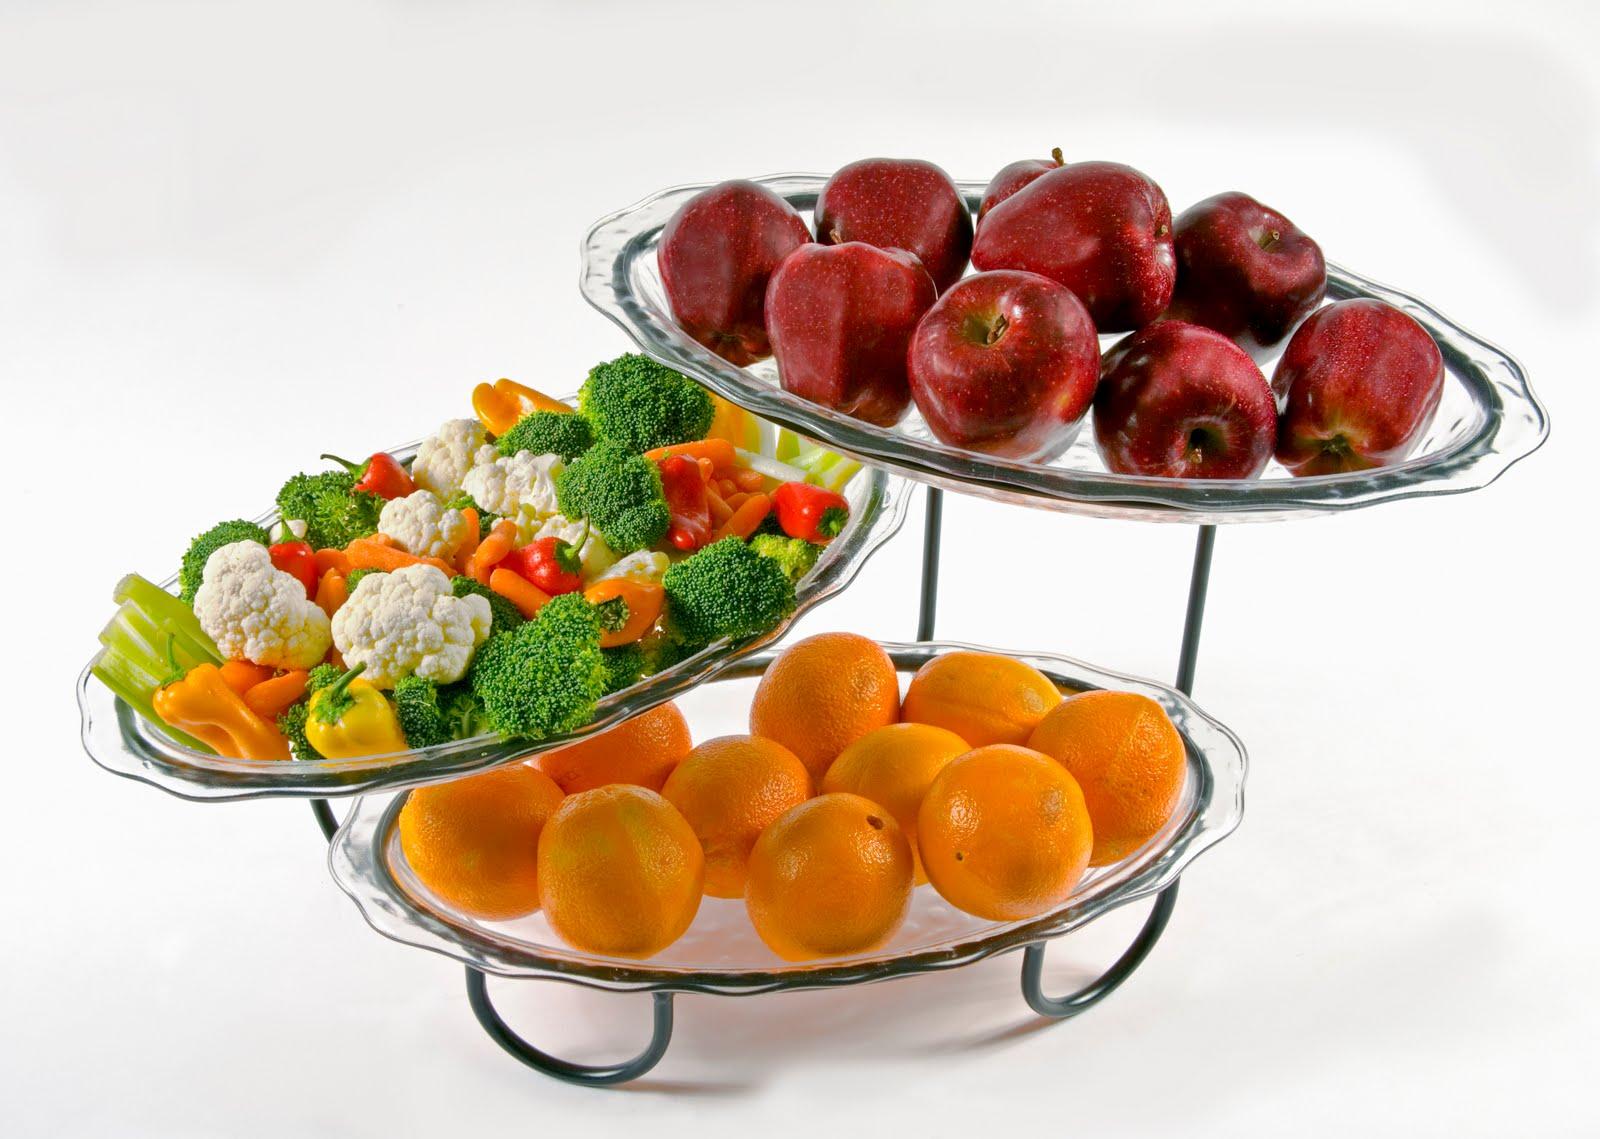 Le Top 10 del cibo nel 2013: vincono sapori 'audaci', freschi e salutari